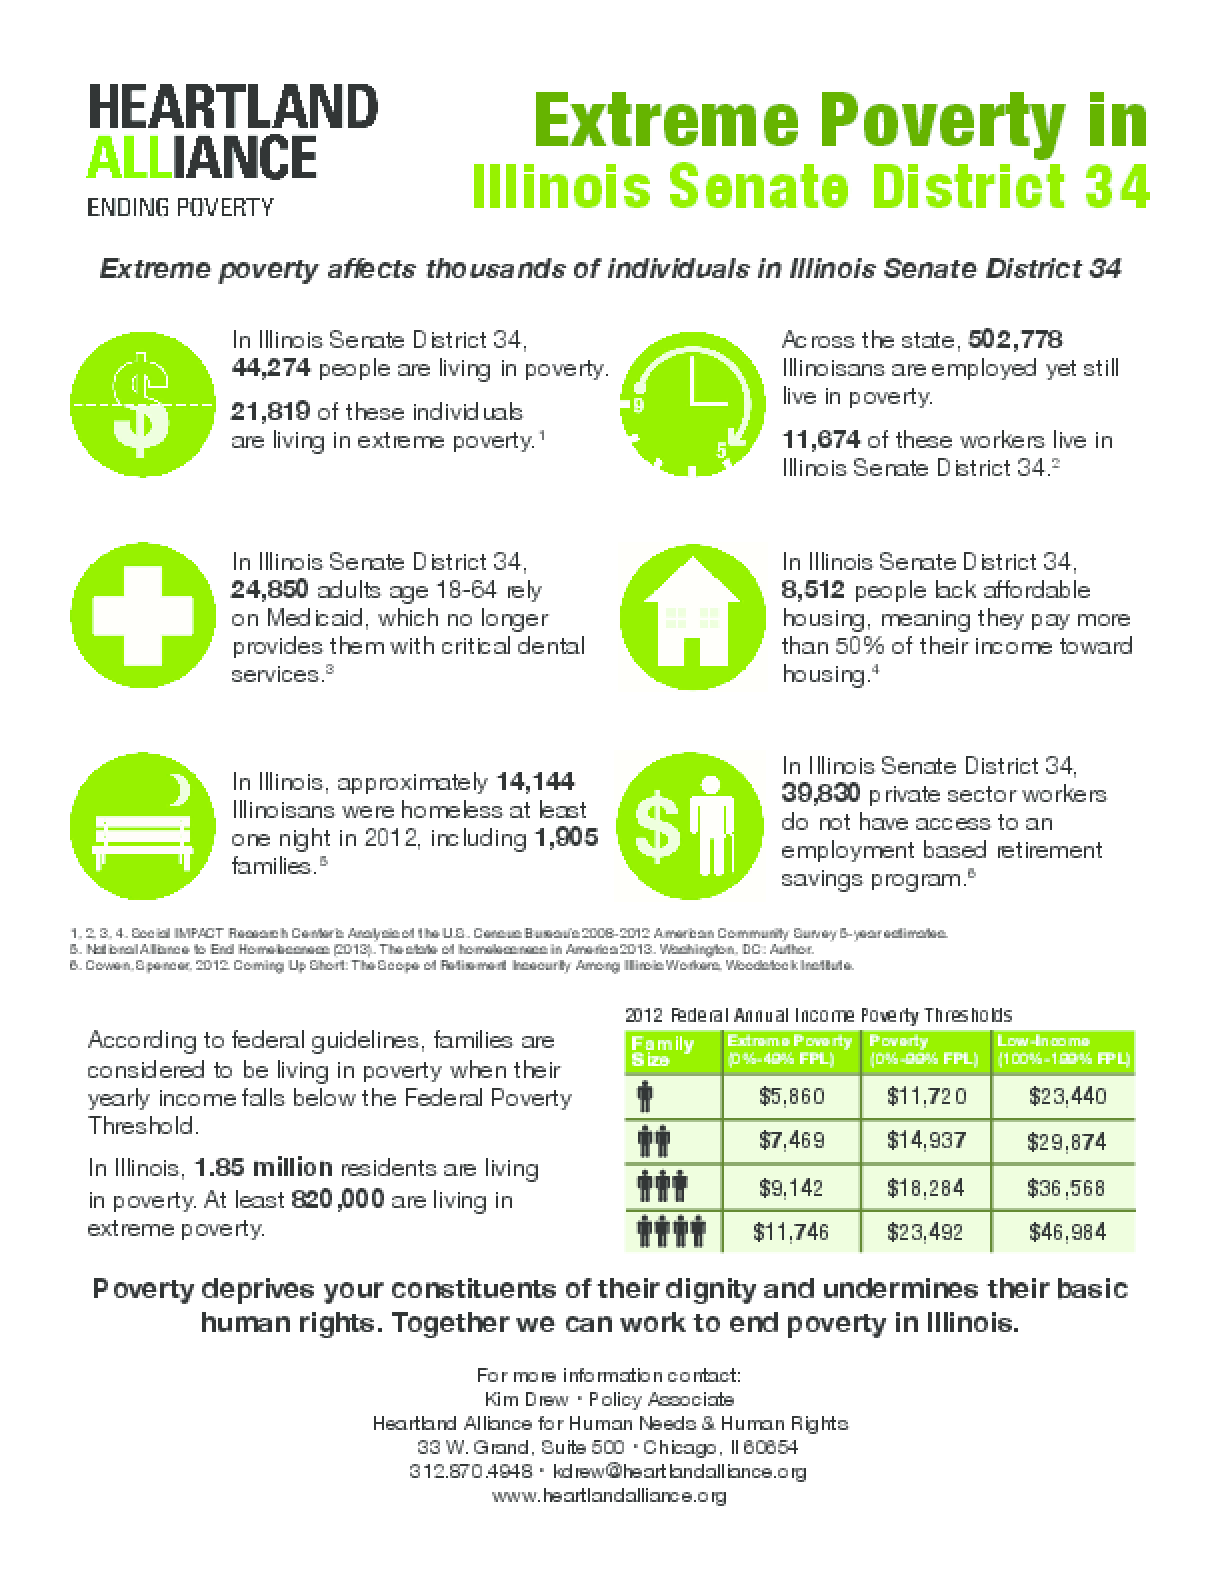 Poverty Fact Sheet for Illinois Senate District 34